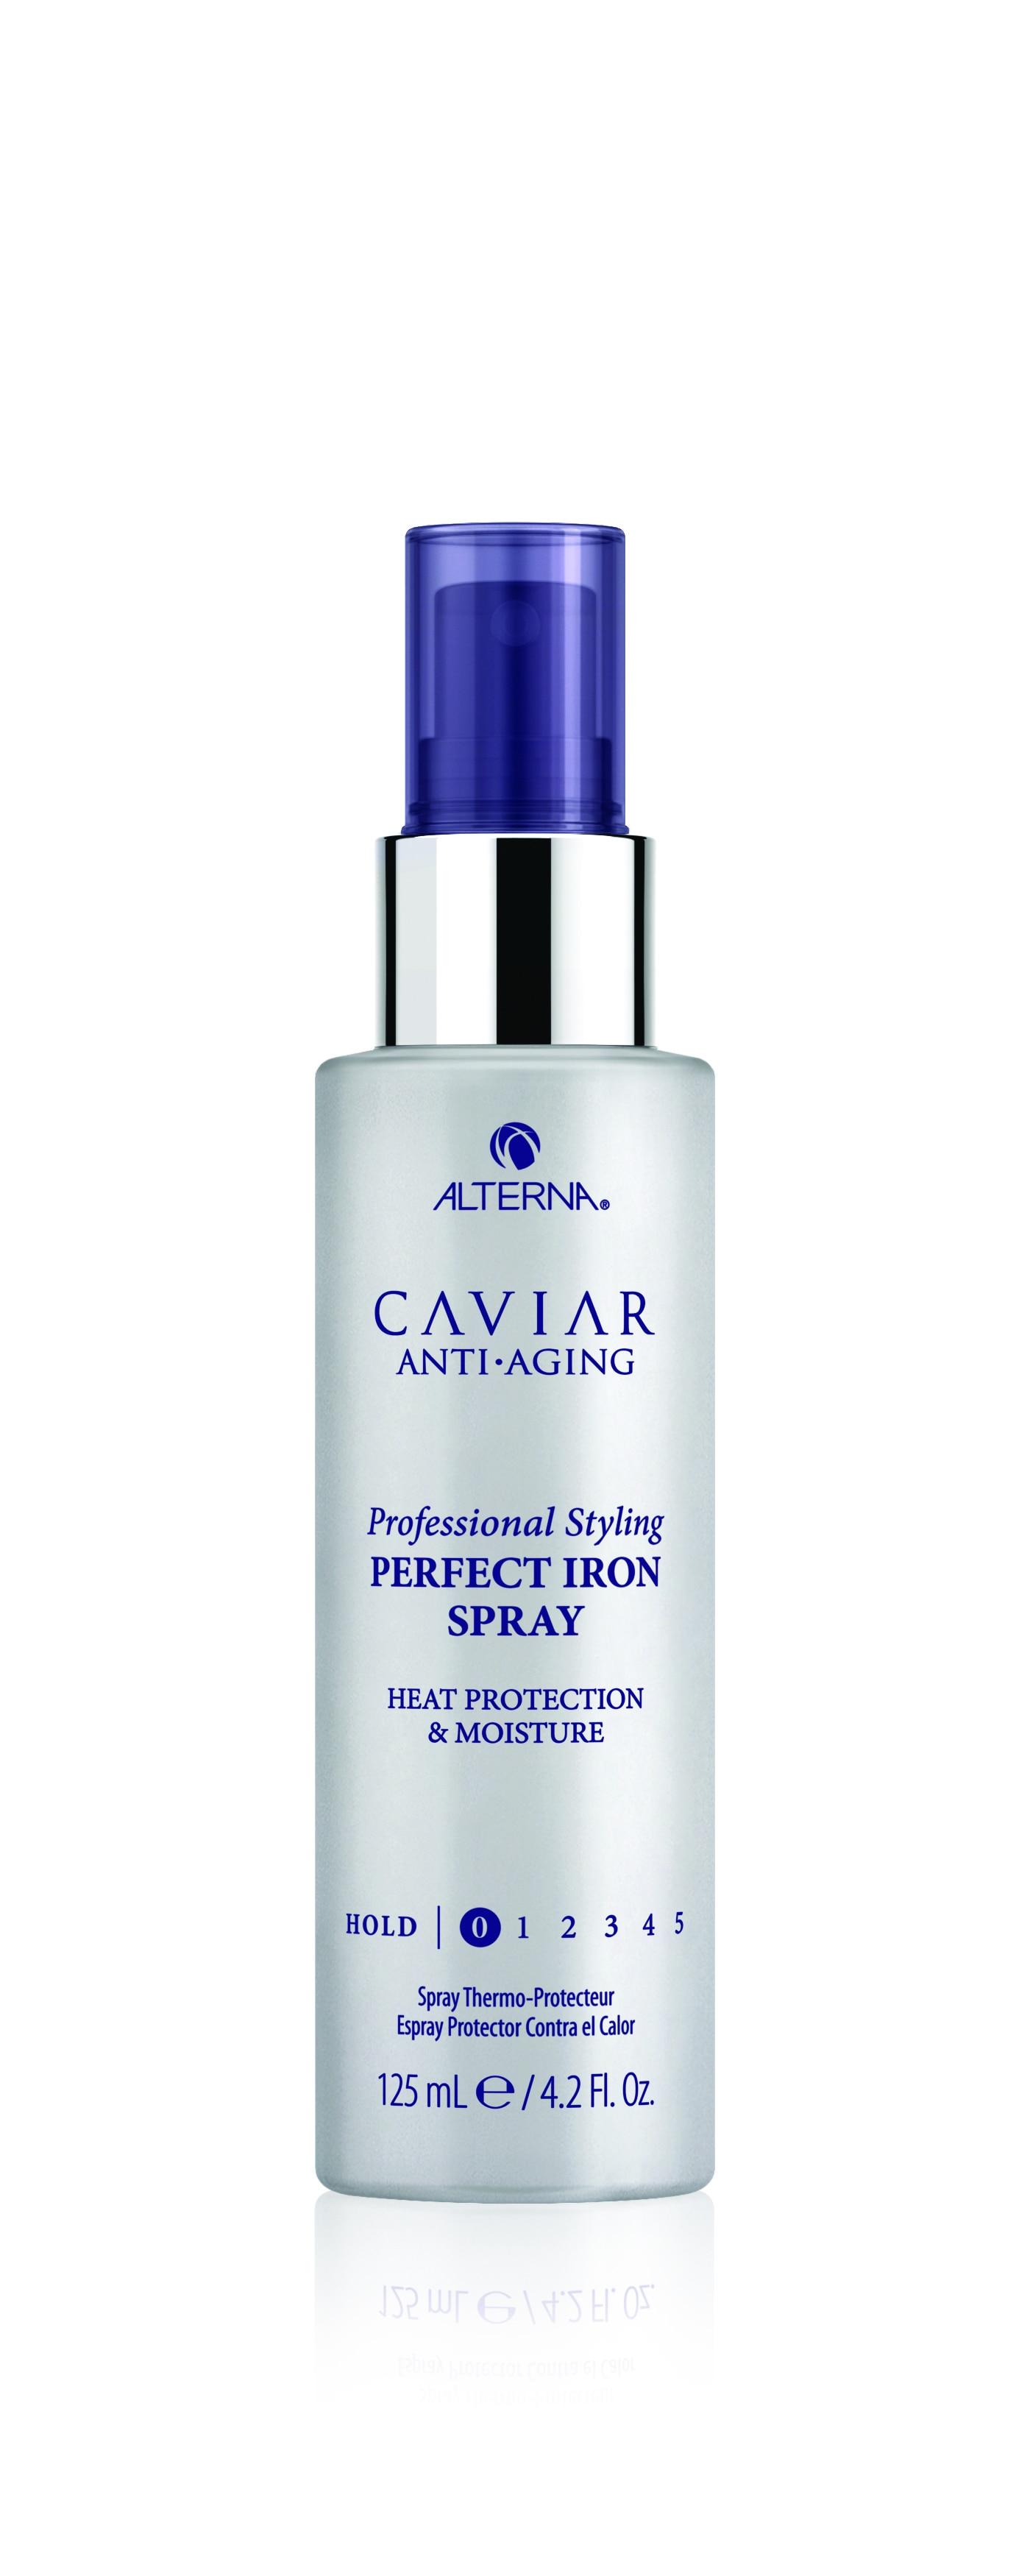 CAVIAR PERFECT IRON SPRAY